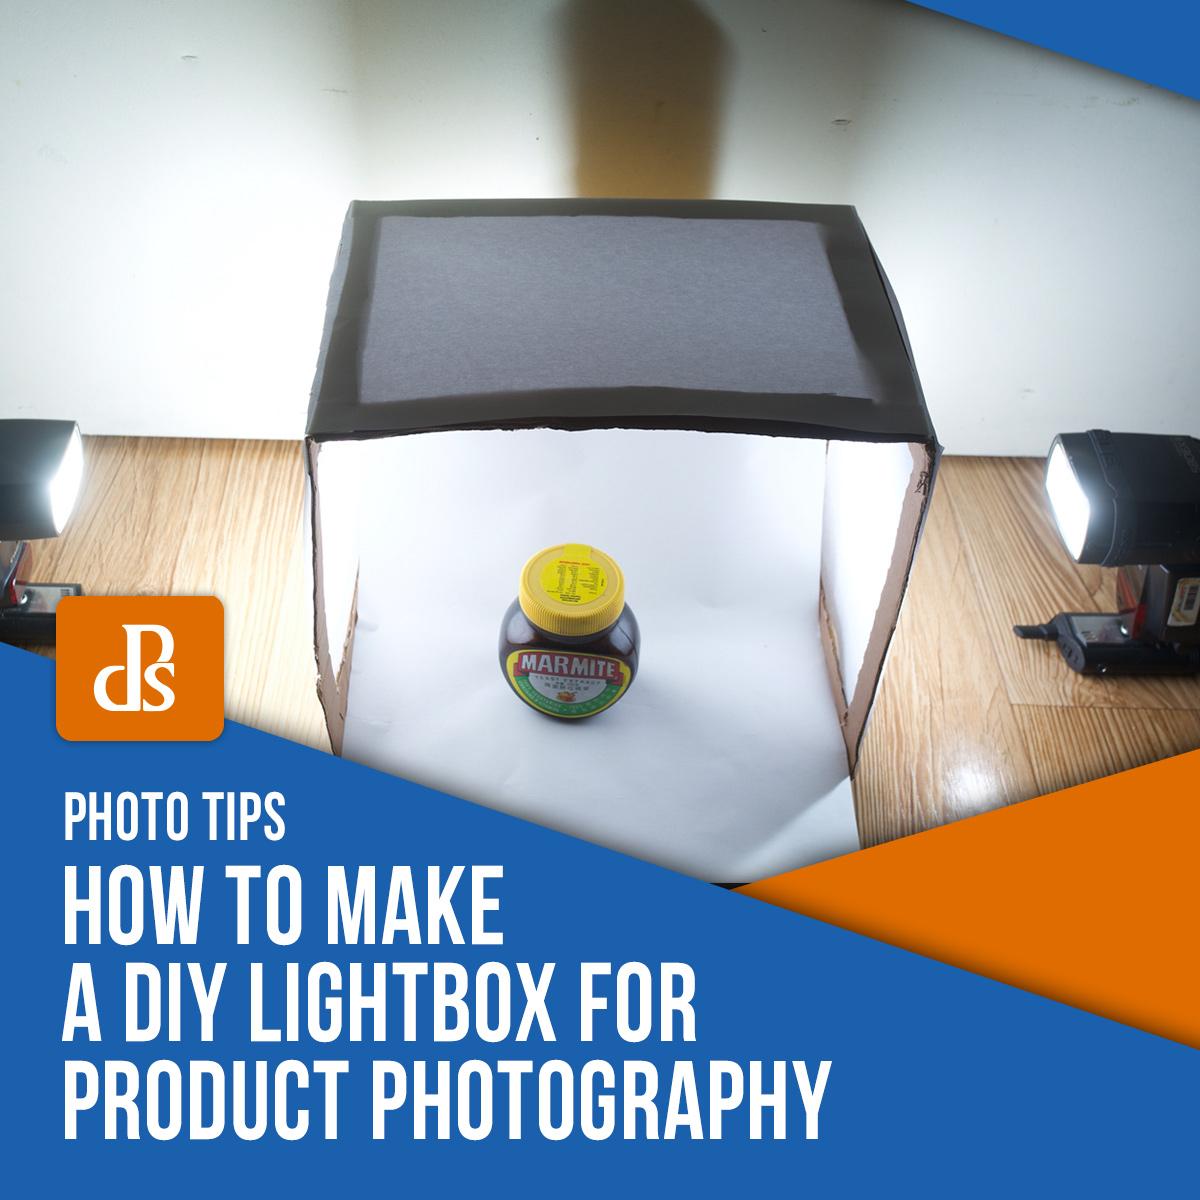 Caixa de luz DIY para fotografia de produtos